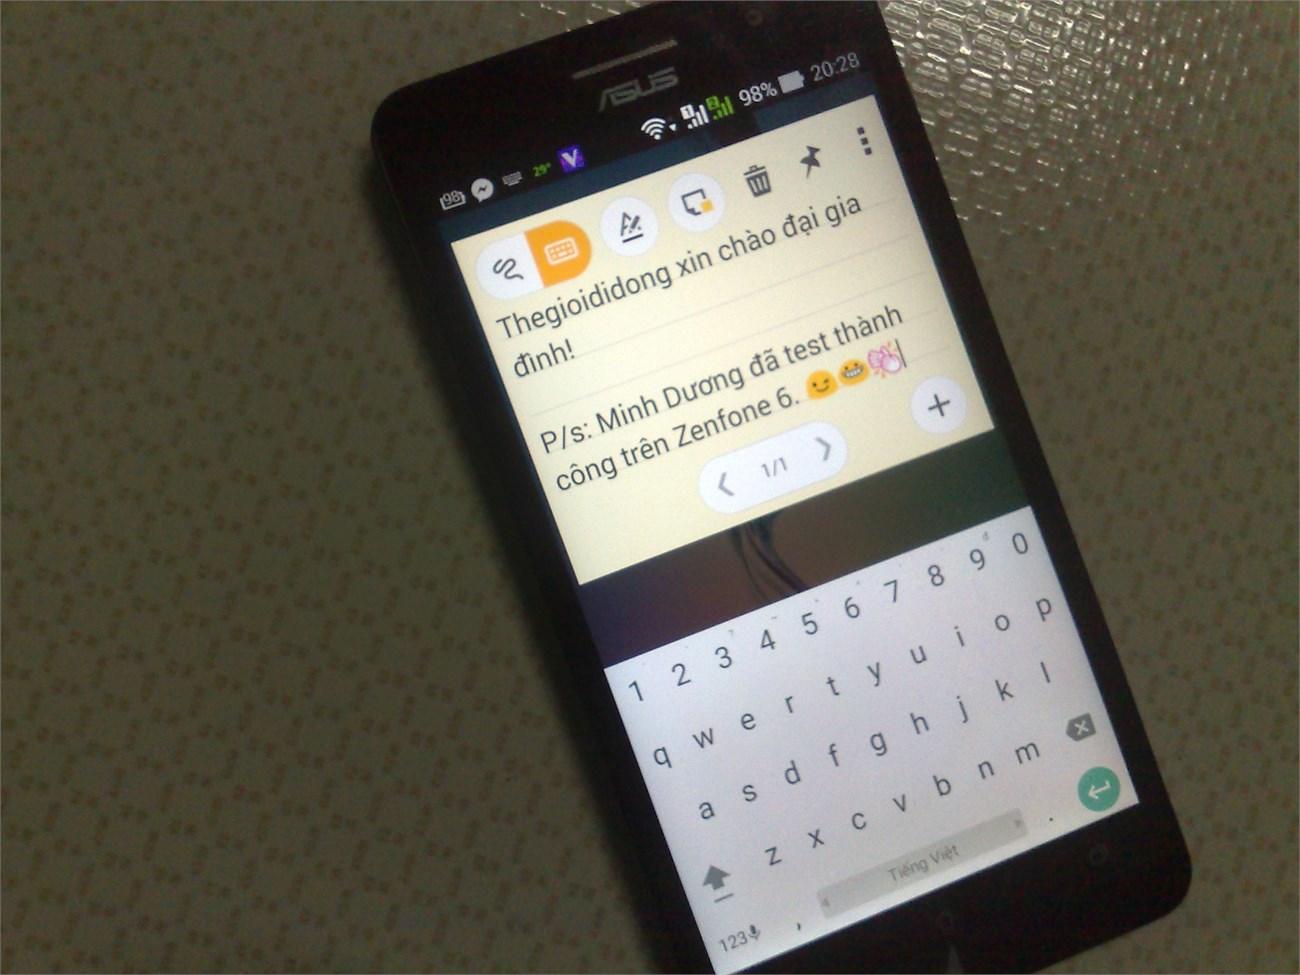 Mang 9 ứng dụng độc quyền trên Zenfone 2 sang máy Android khác